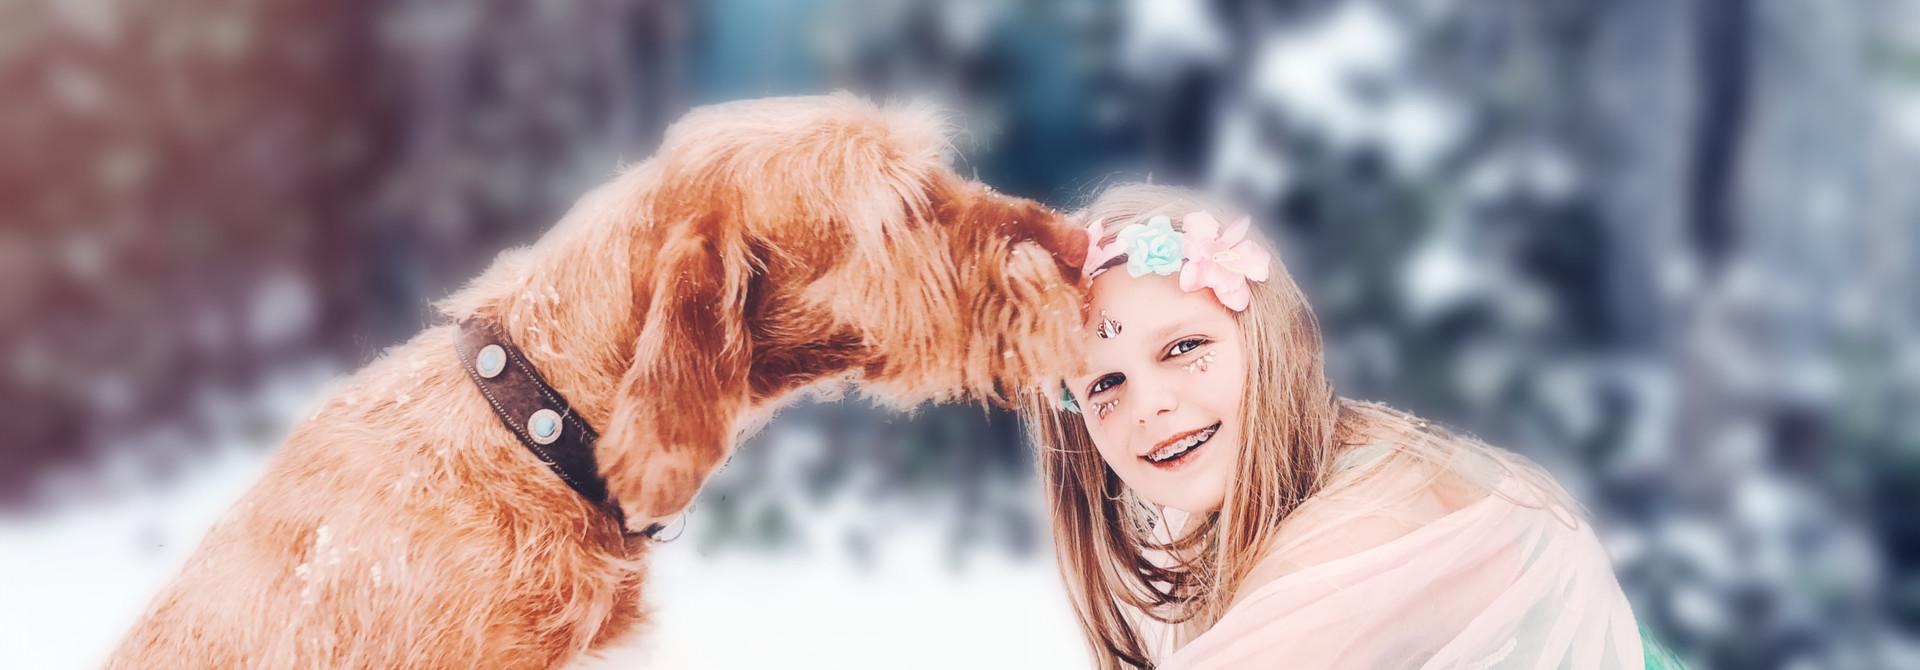 Kinderen en honden feeërieke fotoshoot in de sneeuw